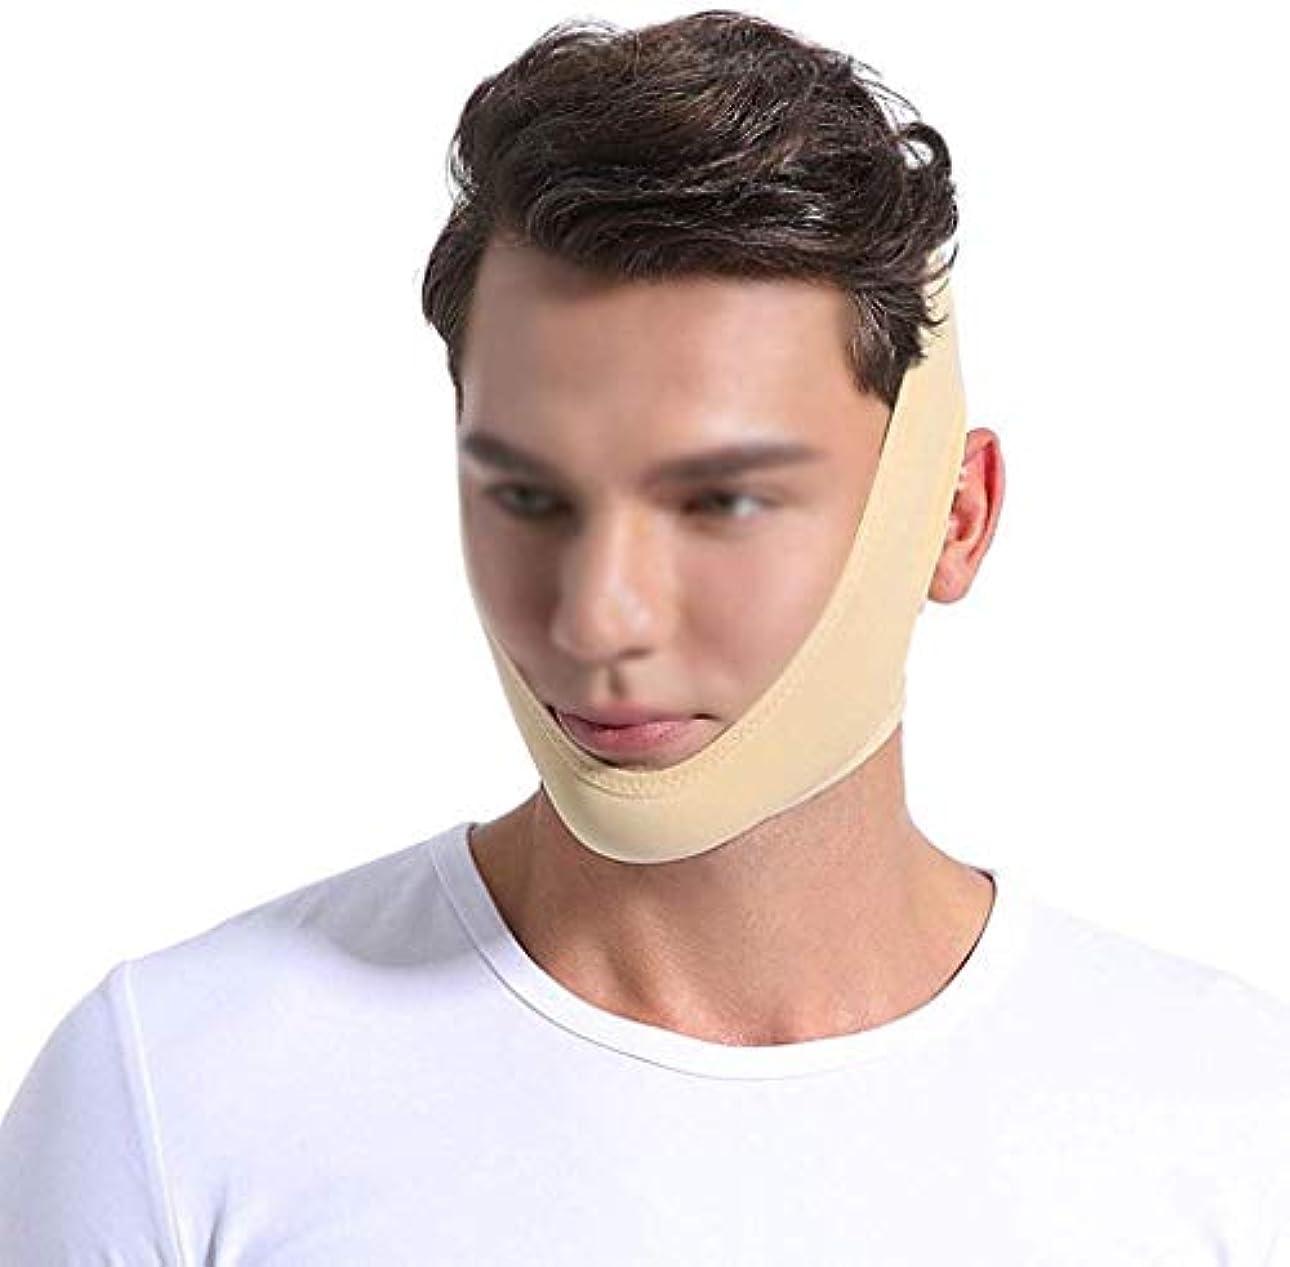 トラブルボイコット柔らかい美容と実用的な医療ワイヤー彫刻後のリフティングマスクを再開し、男性と女性の顔の弾性包帯の帽子は小さなVフェイスの薄いフェイスマスクを結びました